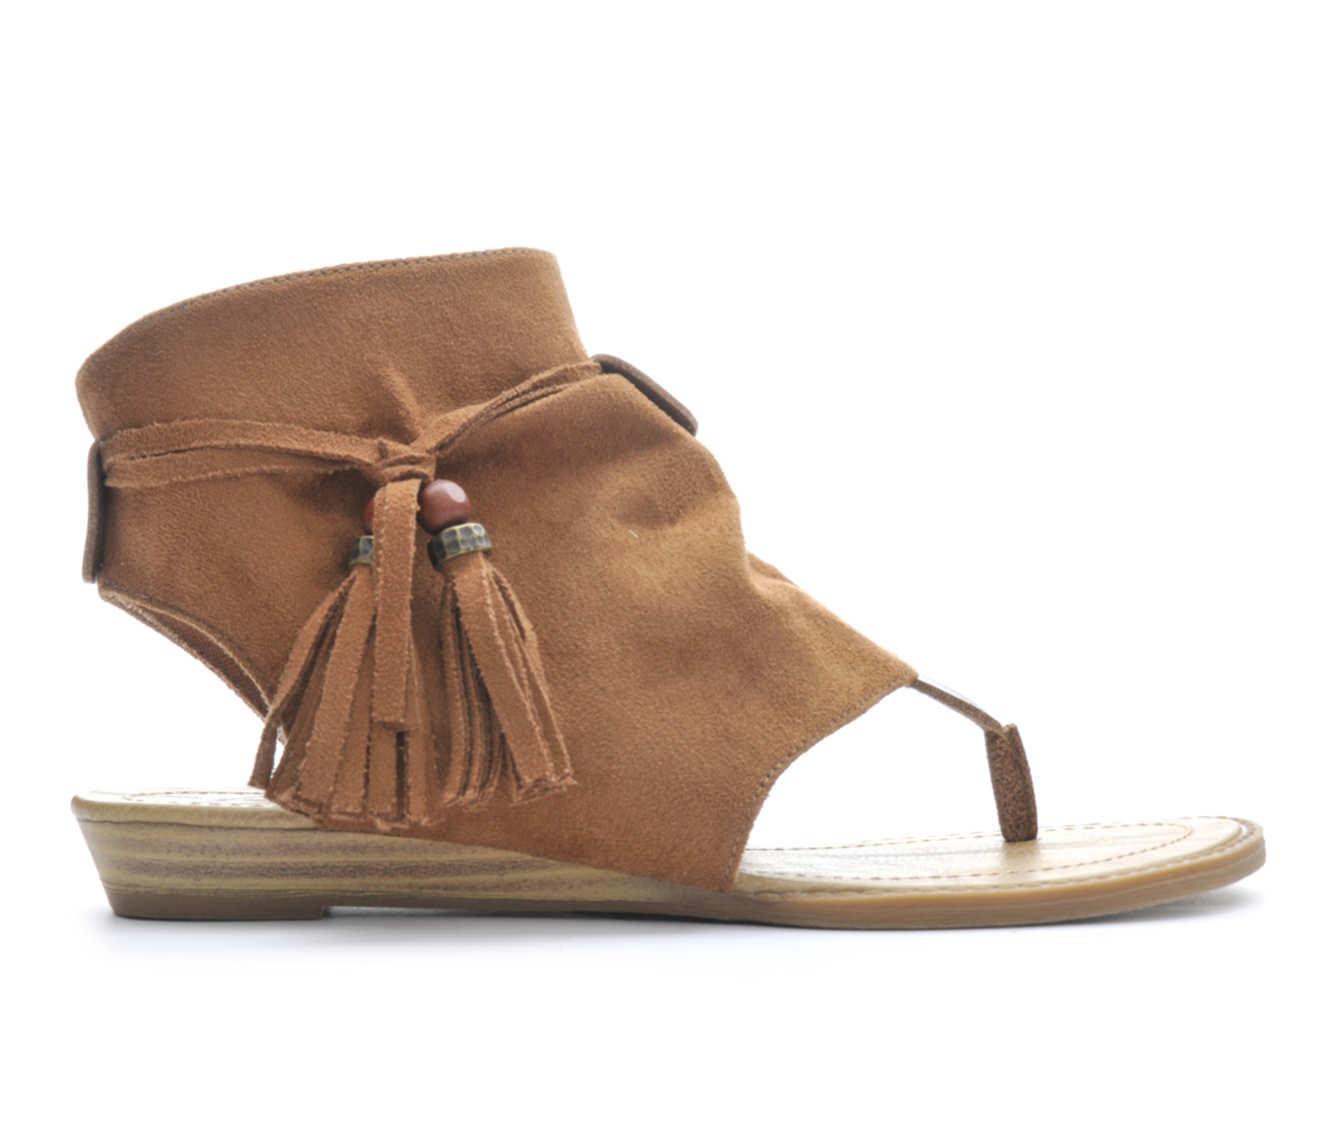 Women's Blowfish Malibu Brueke Sandals (Brown)